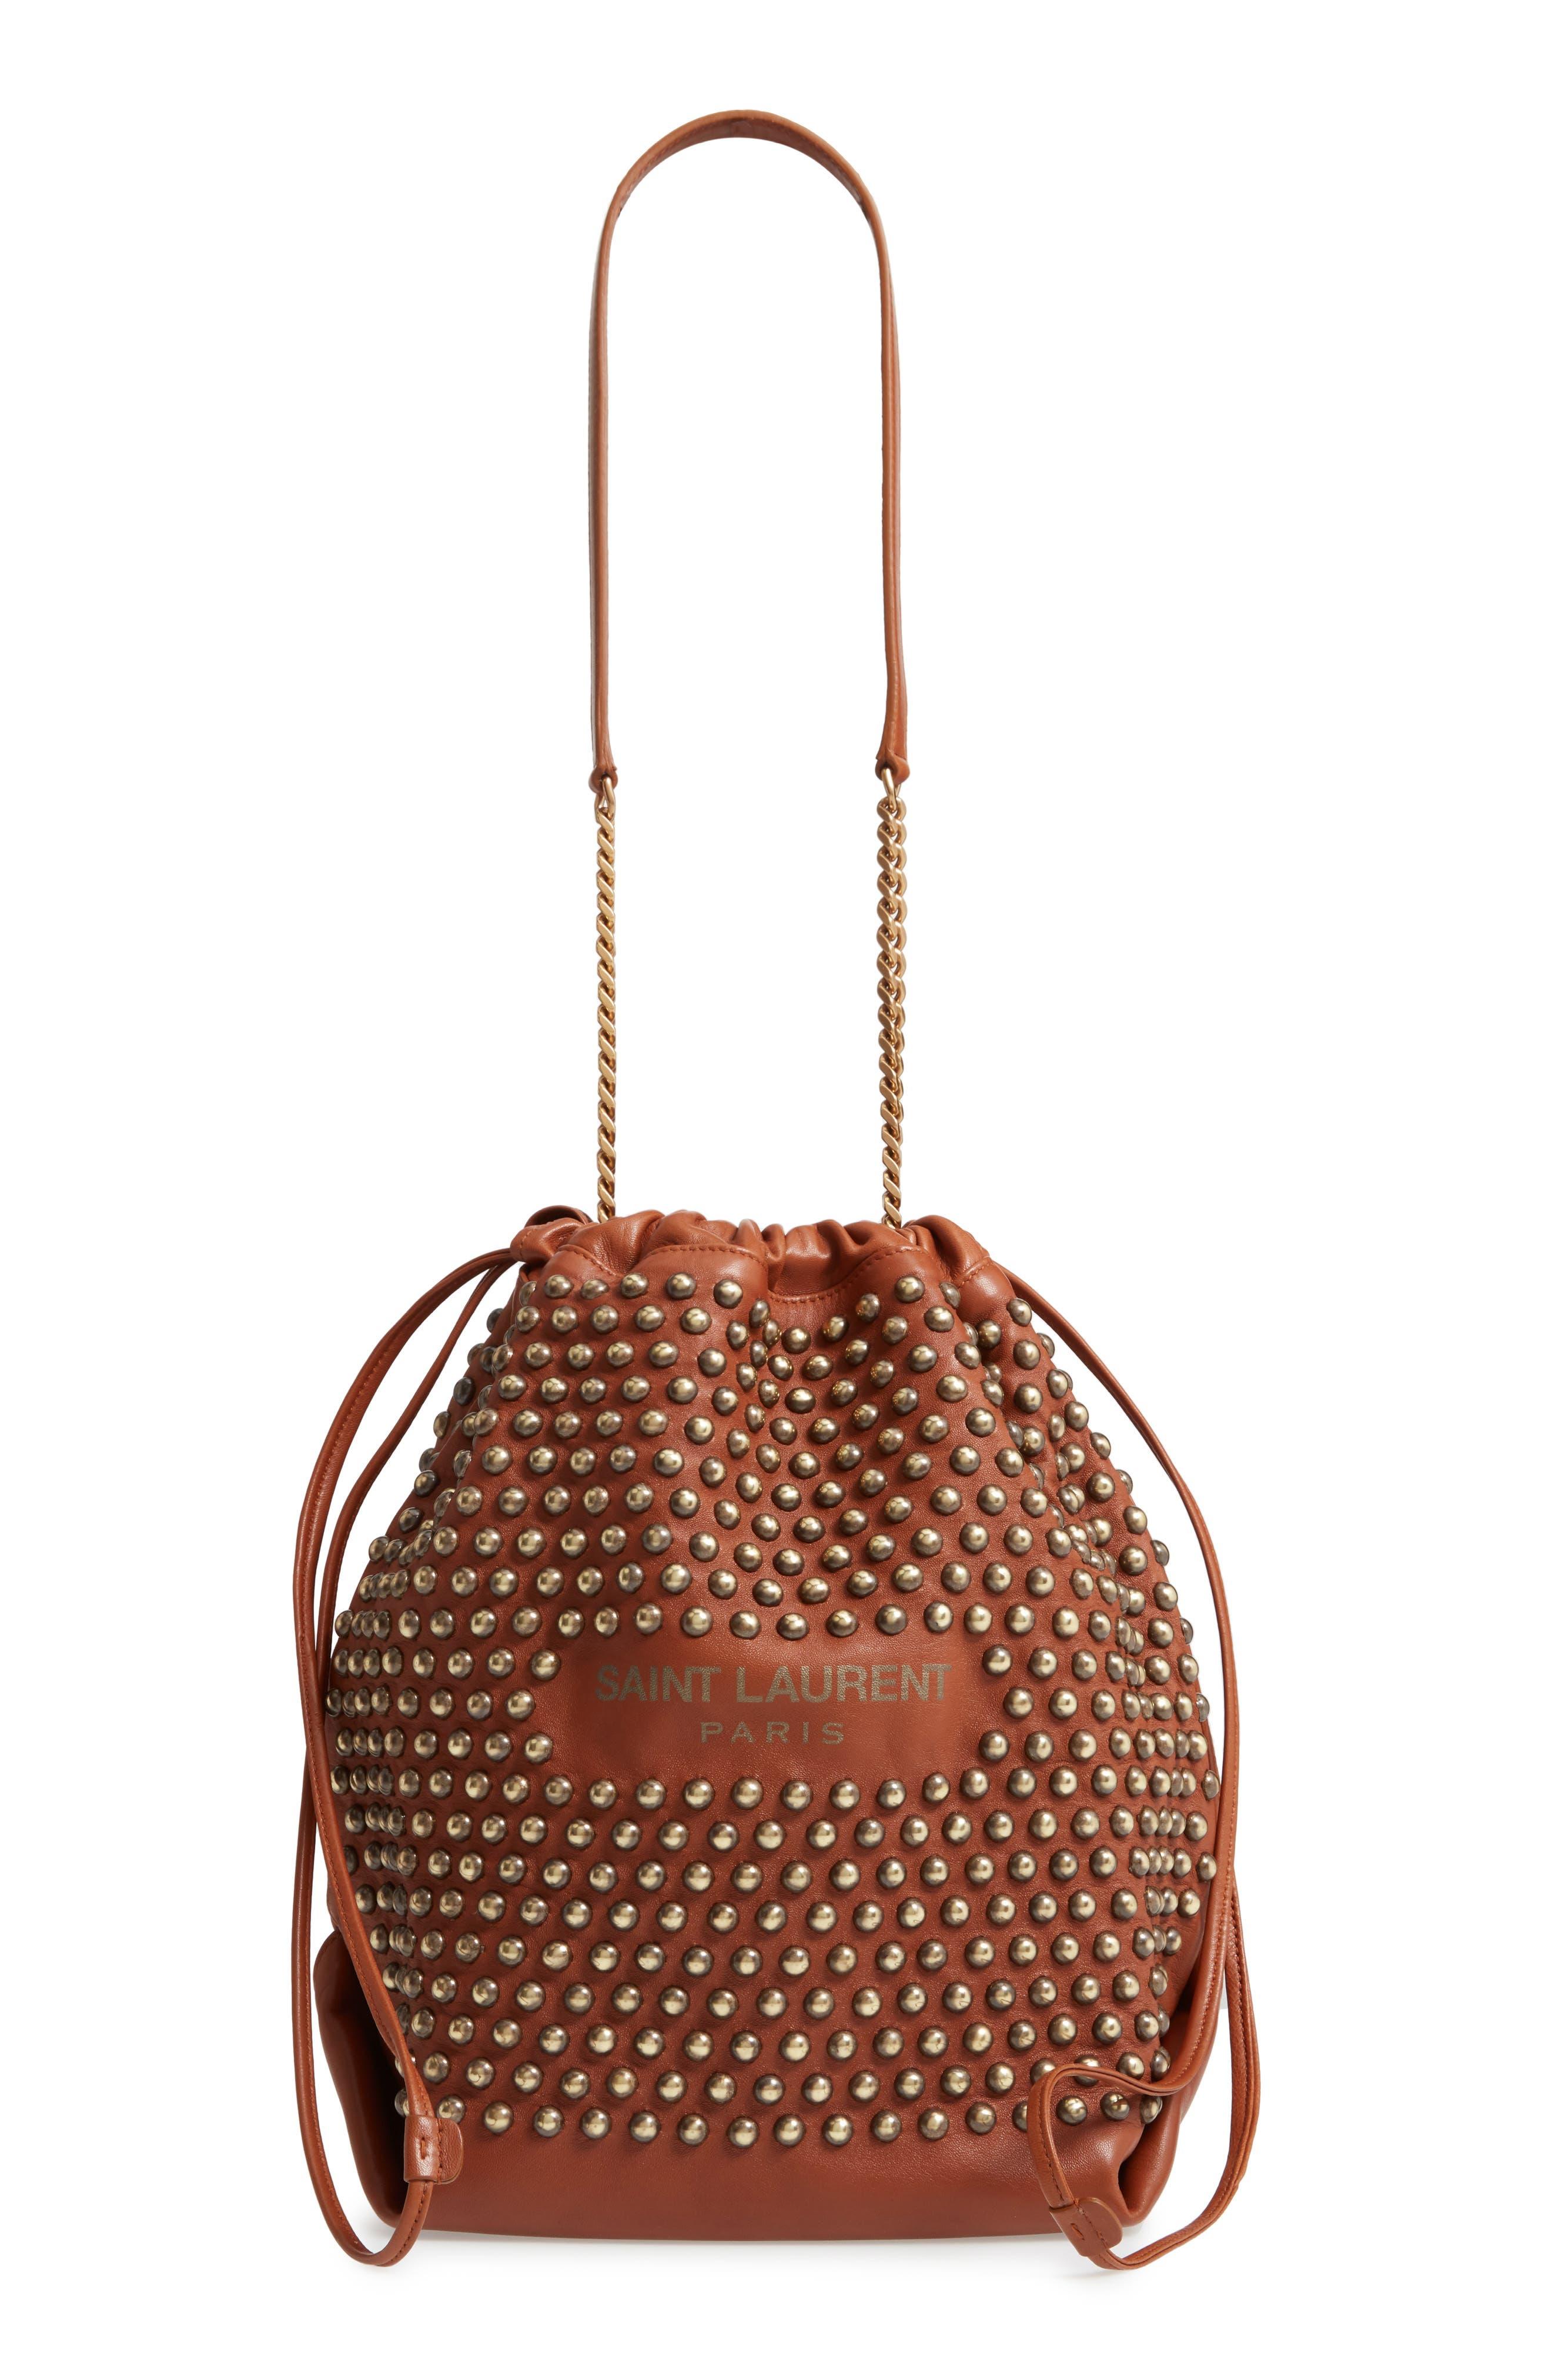 SAINT LAURENT, Teddy Studded Leather Bucket Bag, Main thumbnail 1, color, 200